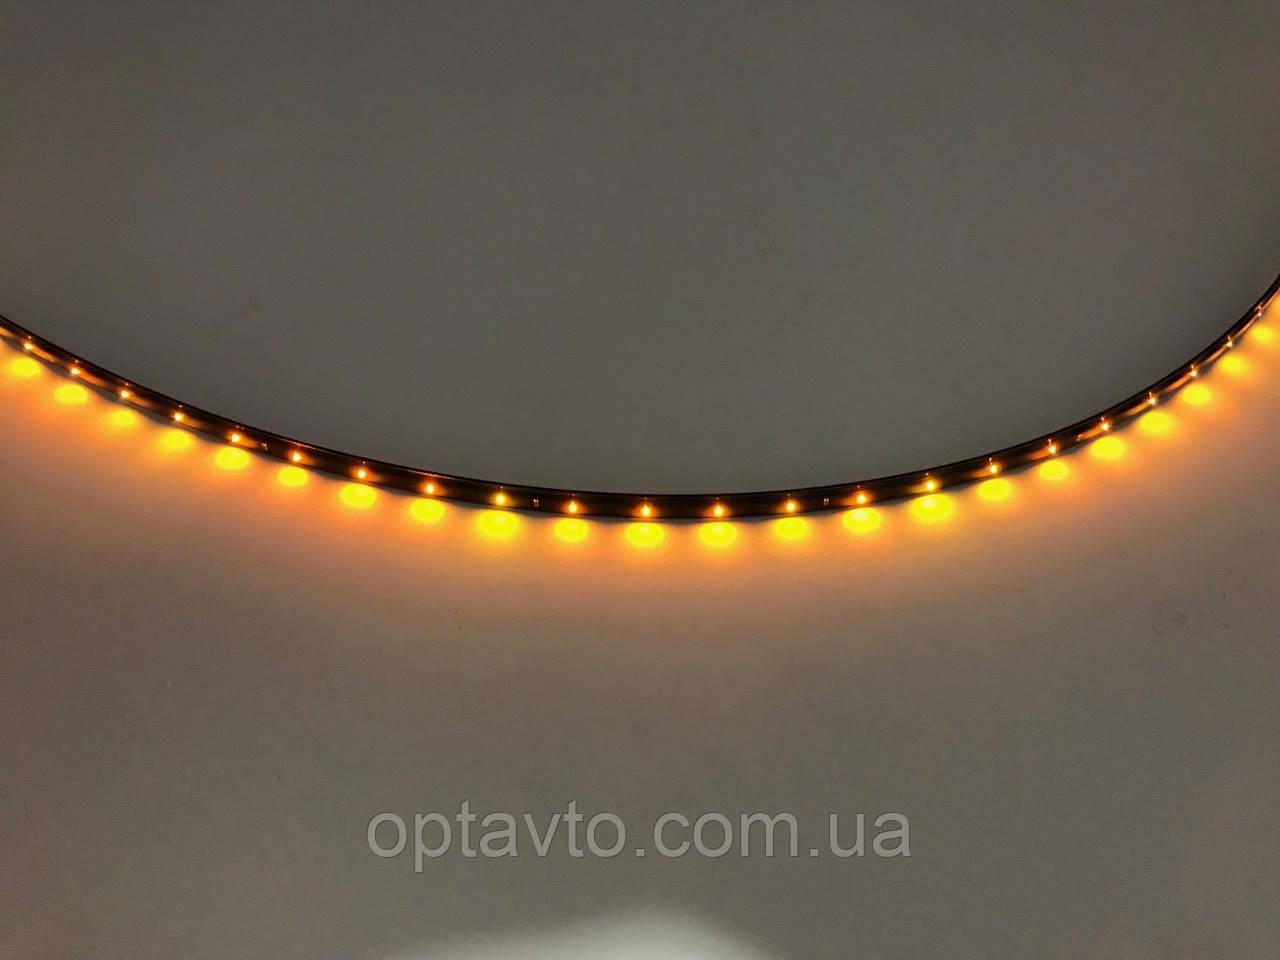 Диодная автомобильная подсветка, лента на самоклейке 1 метр / 40 диодов/ Желтая